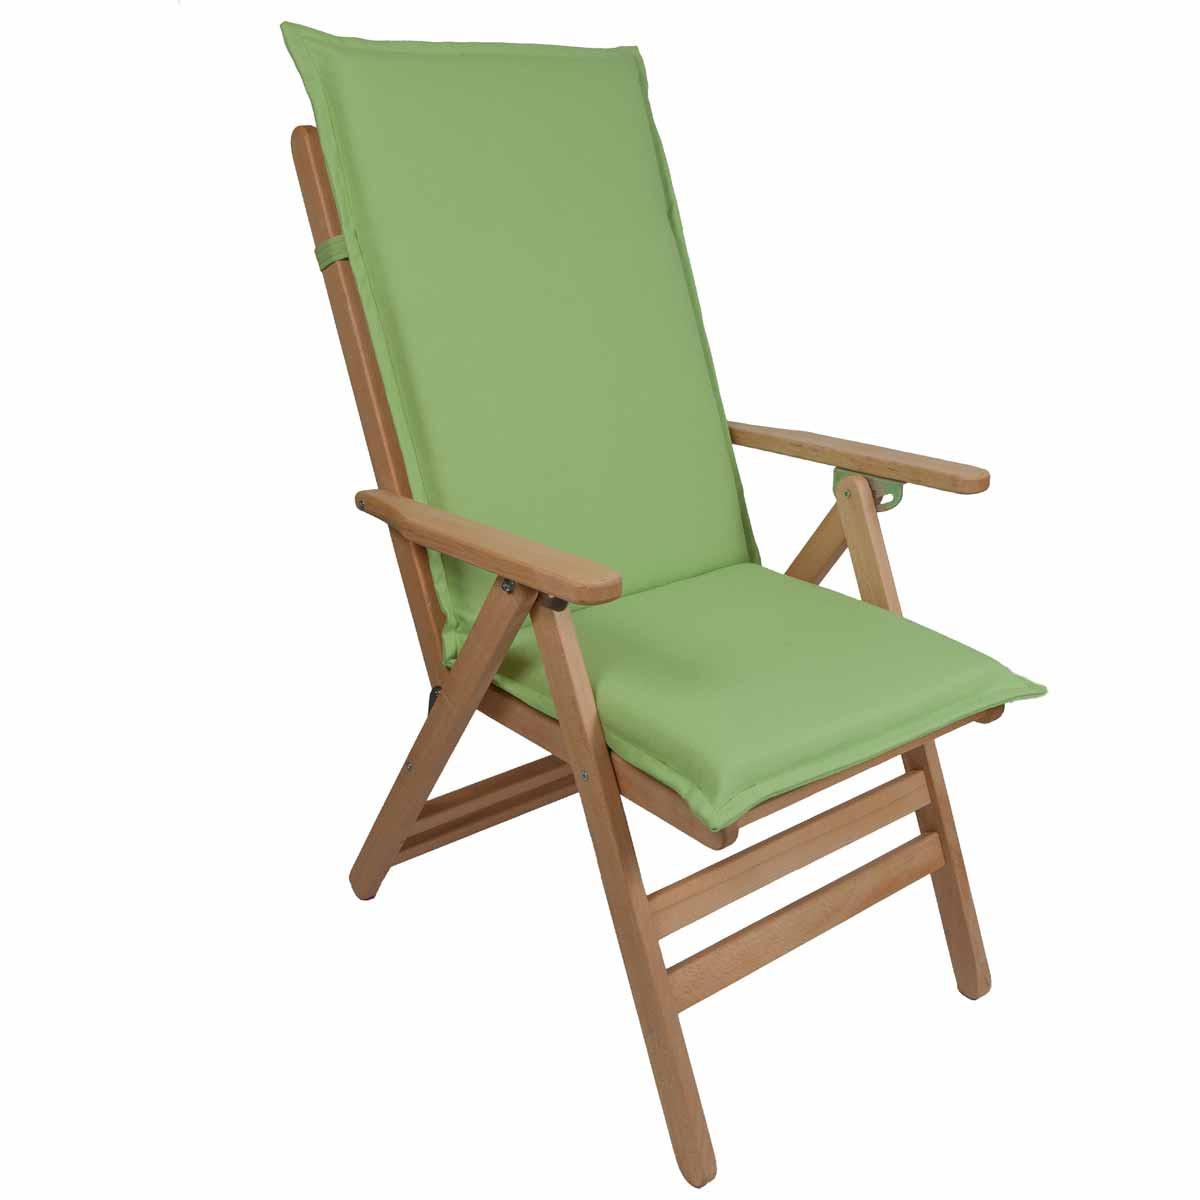 Μαξιλάρι Καρέκλας Με Πλάτη 112cm Be Comfy Green 906